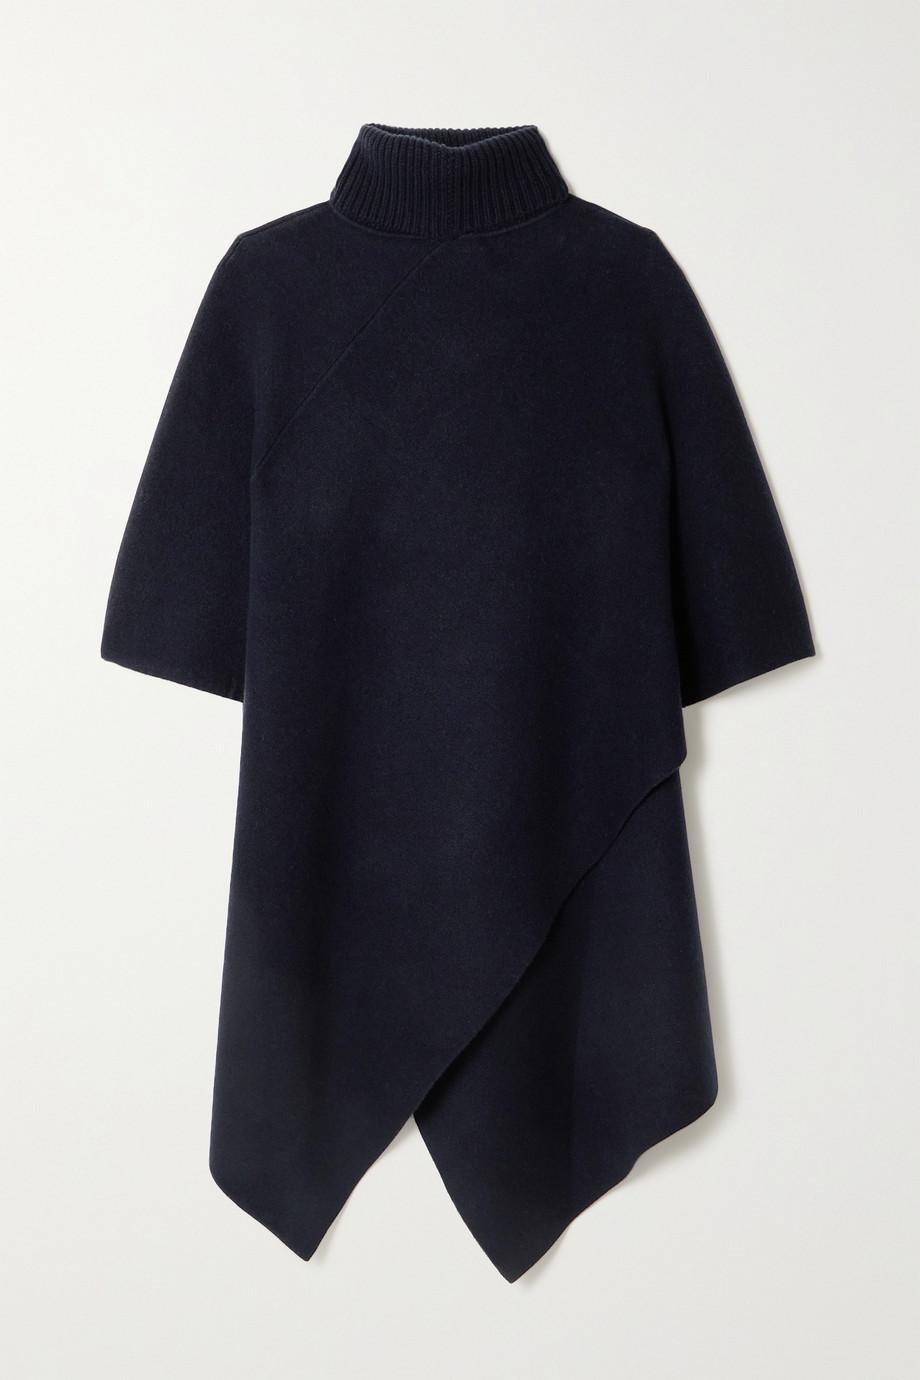 Chloé Asymmetric cashmere turtleneck poncho